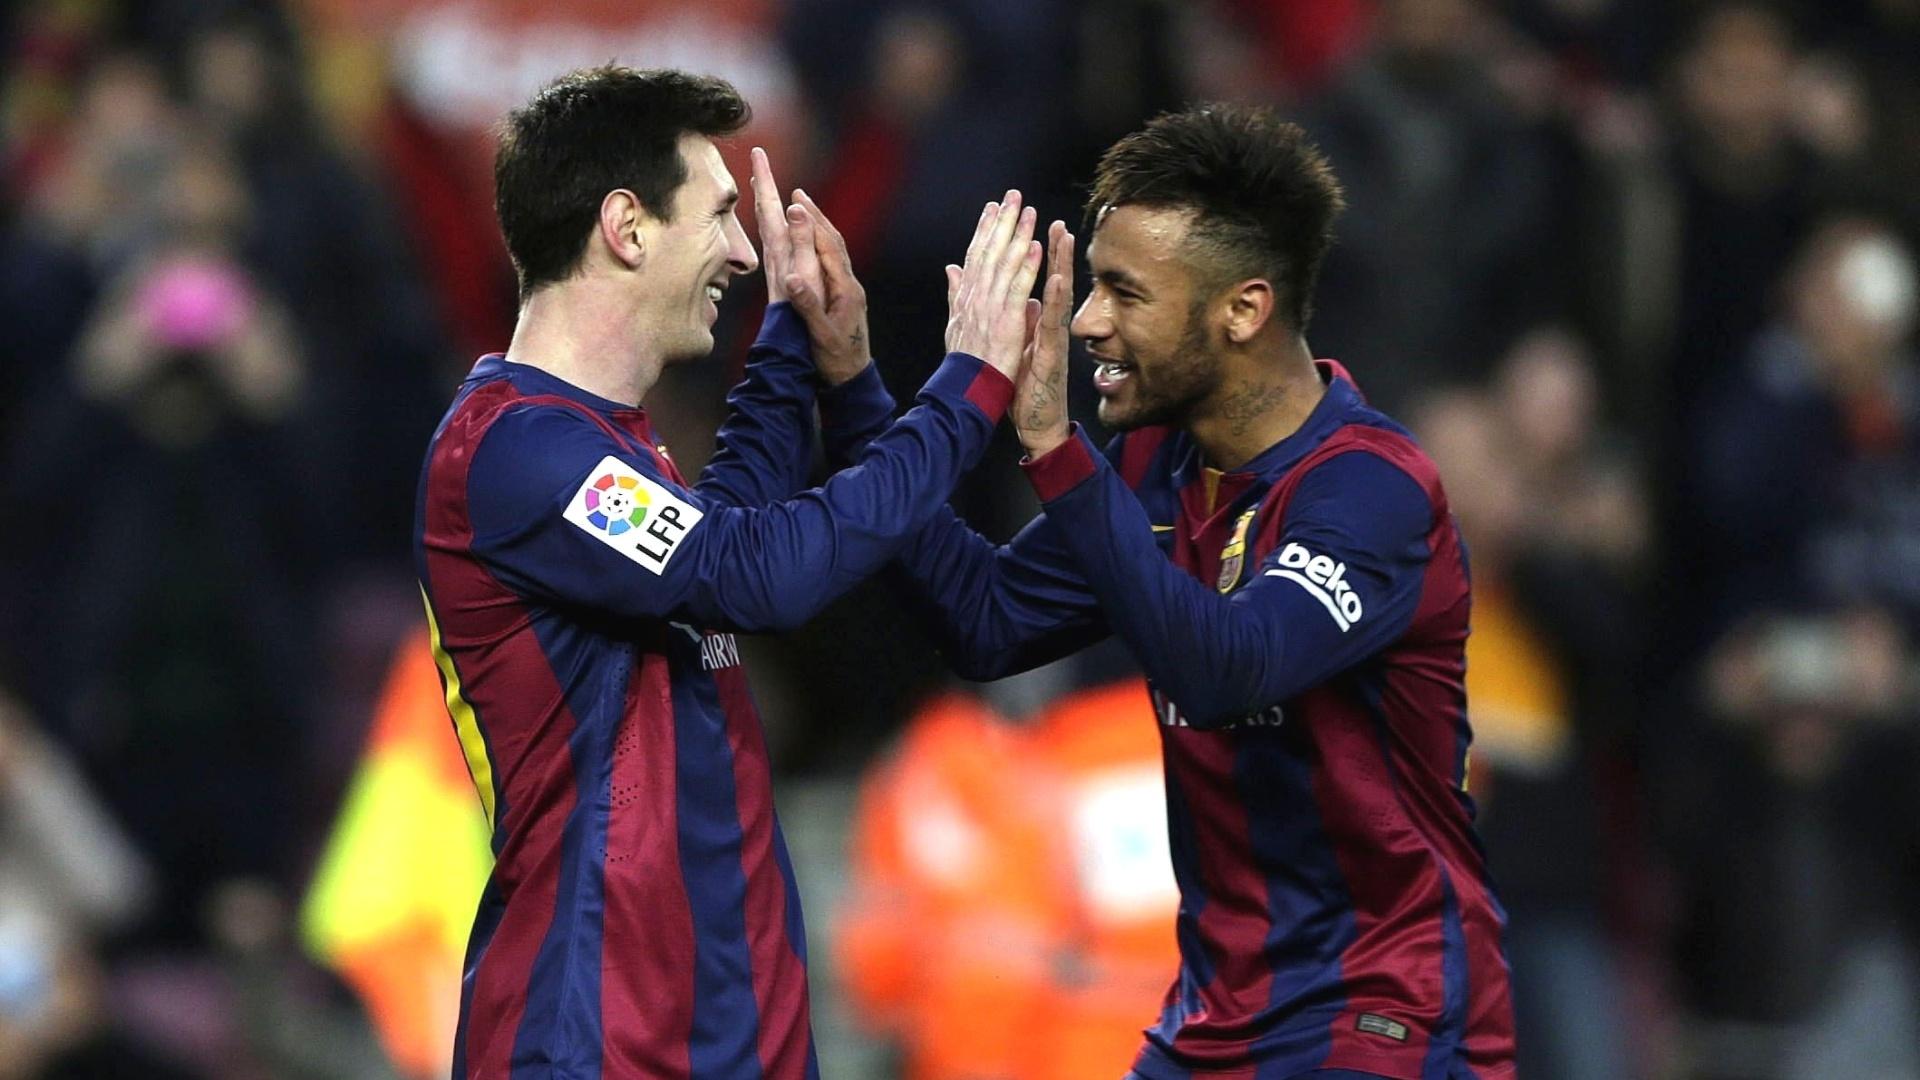 Messi comemora com Neymar o seu terceiro gol na partida